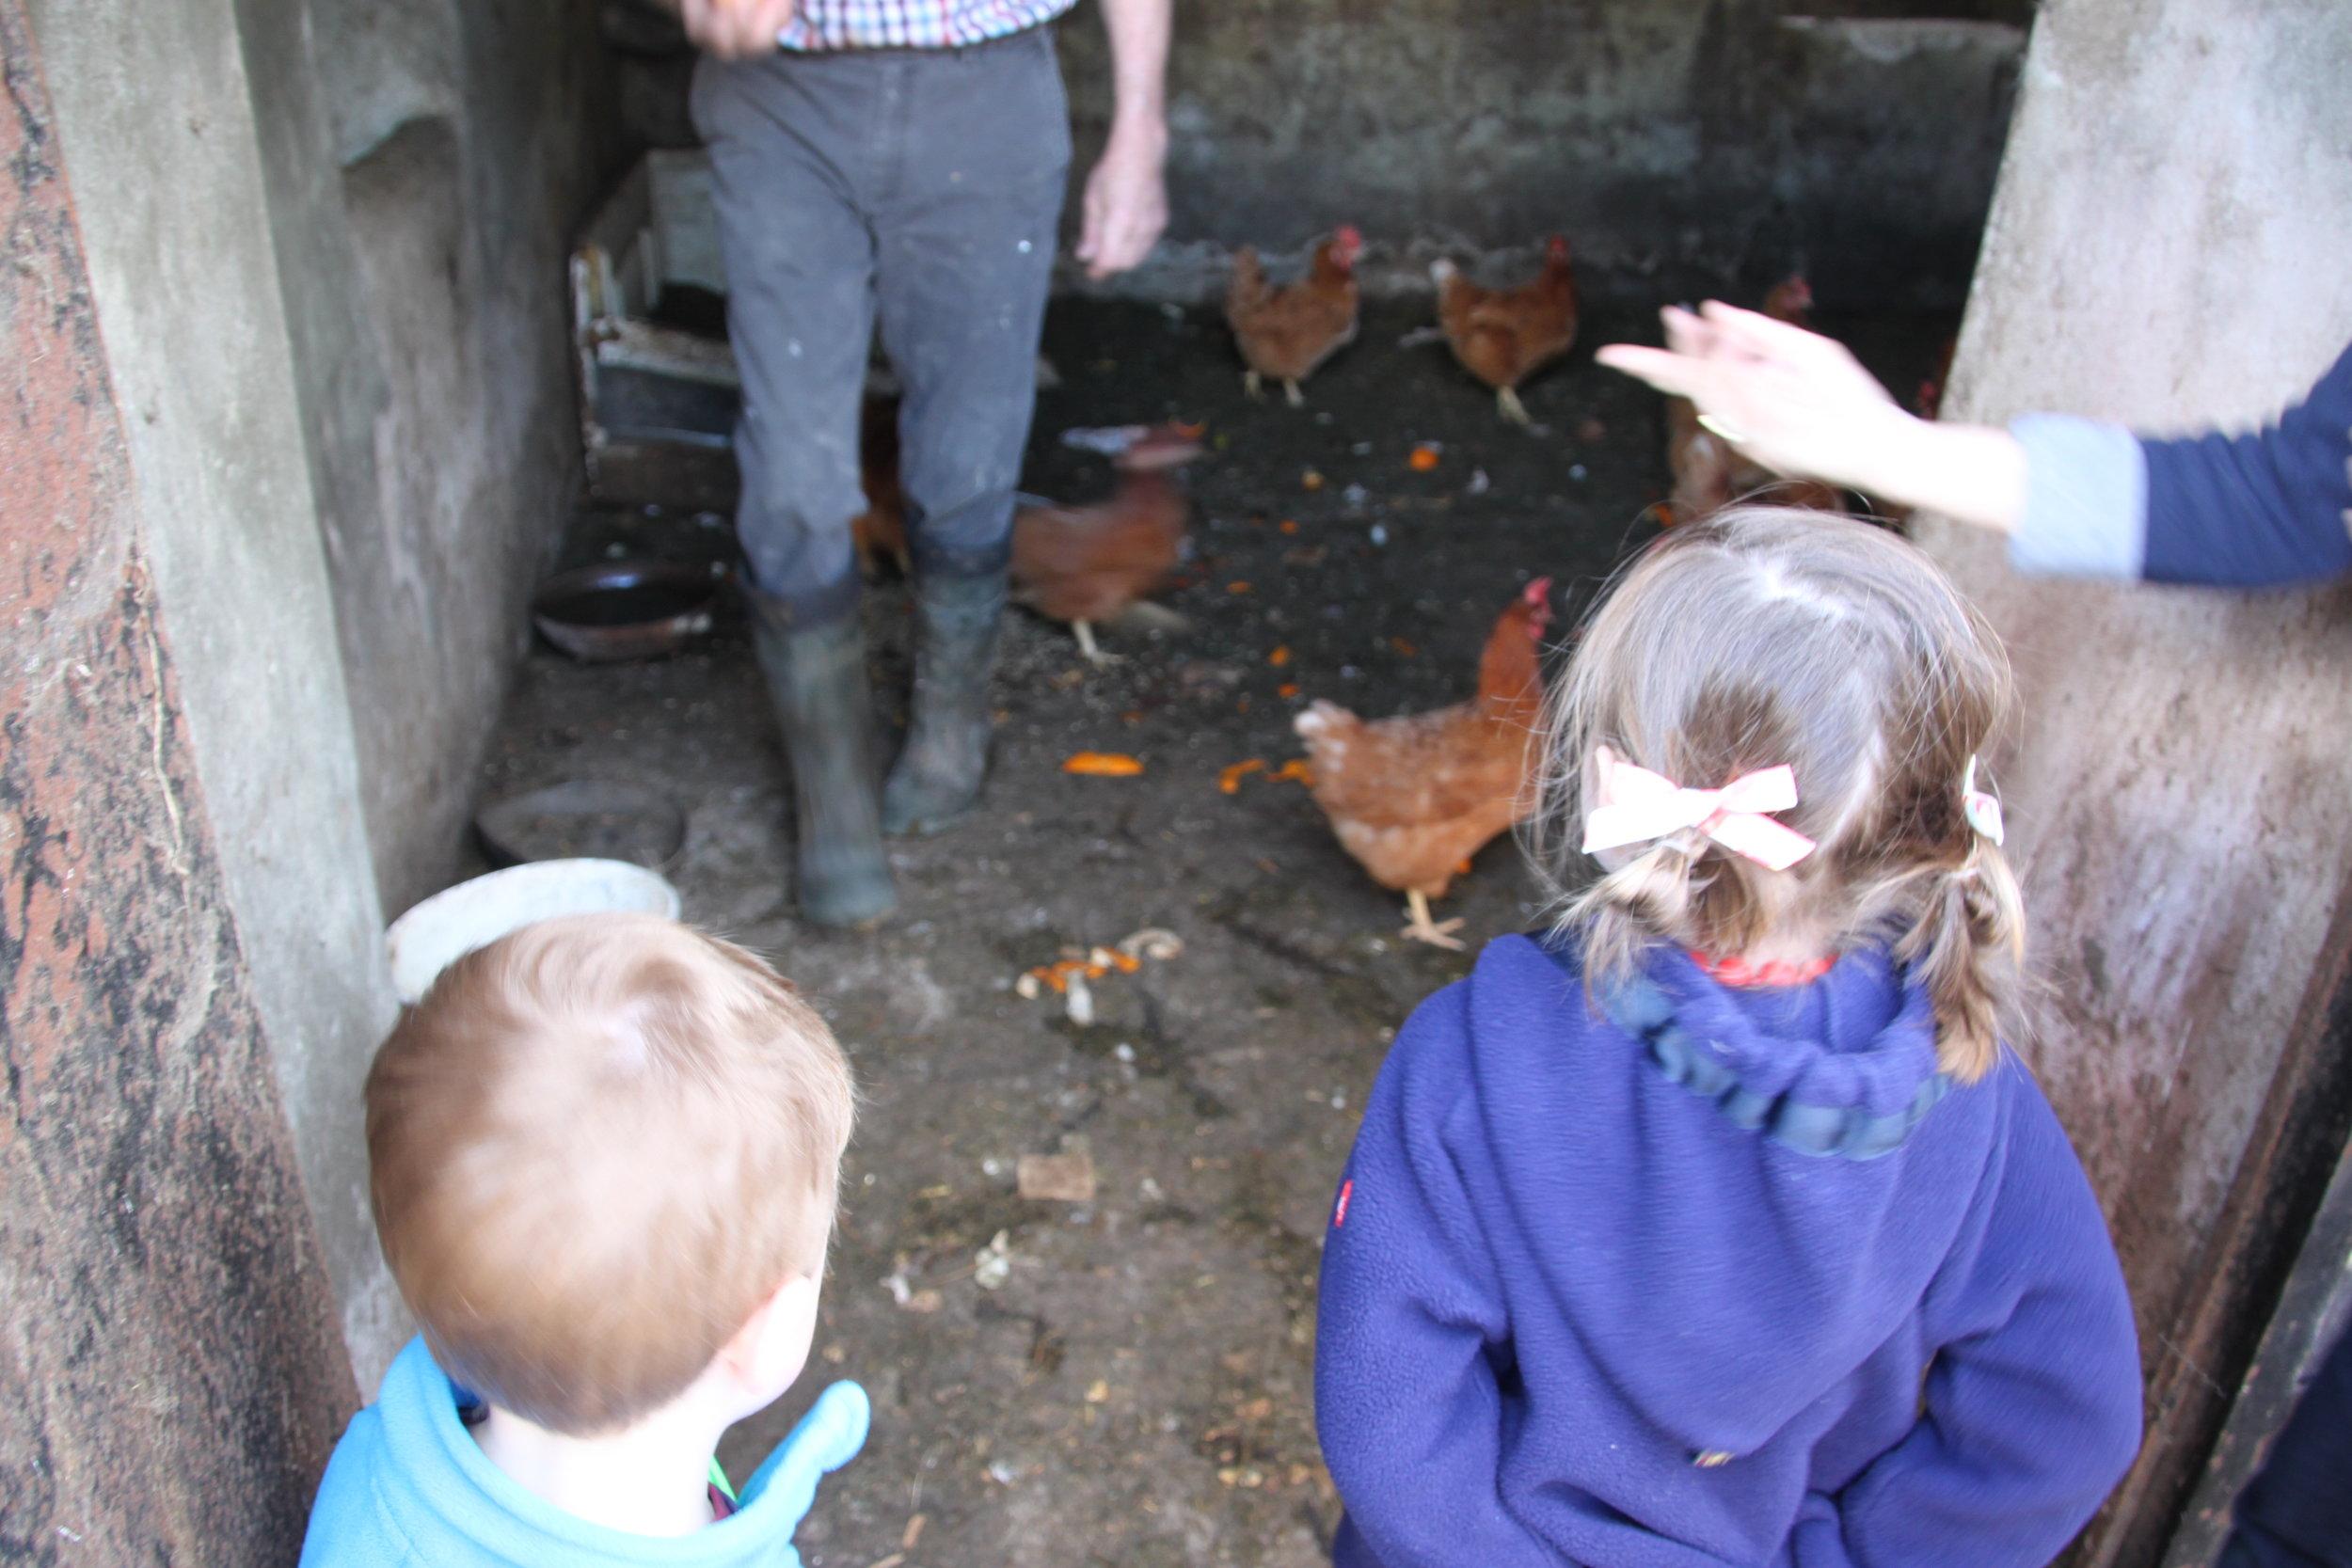 feeding-chickens-at-a-farm-in-ireland.jpg